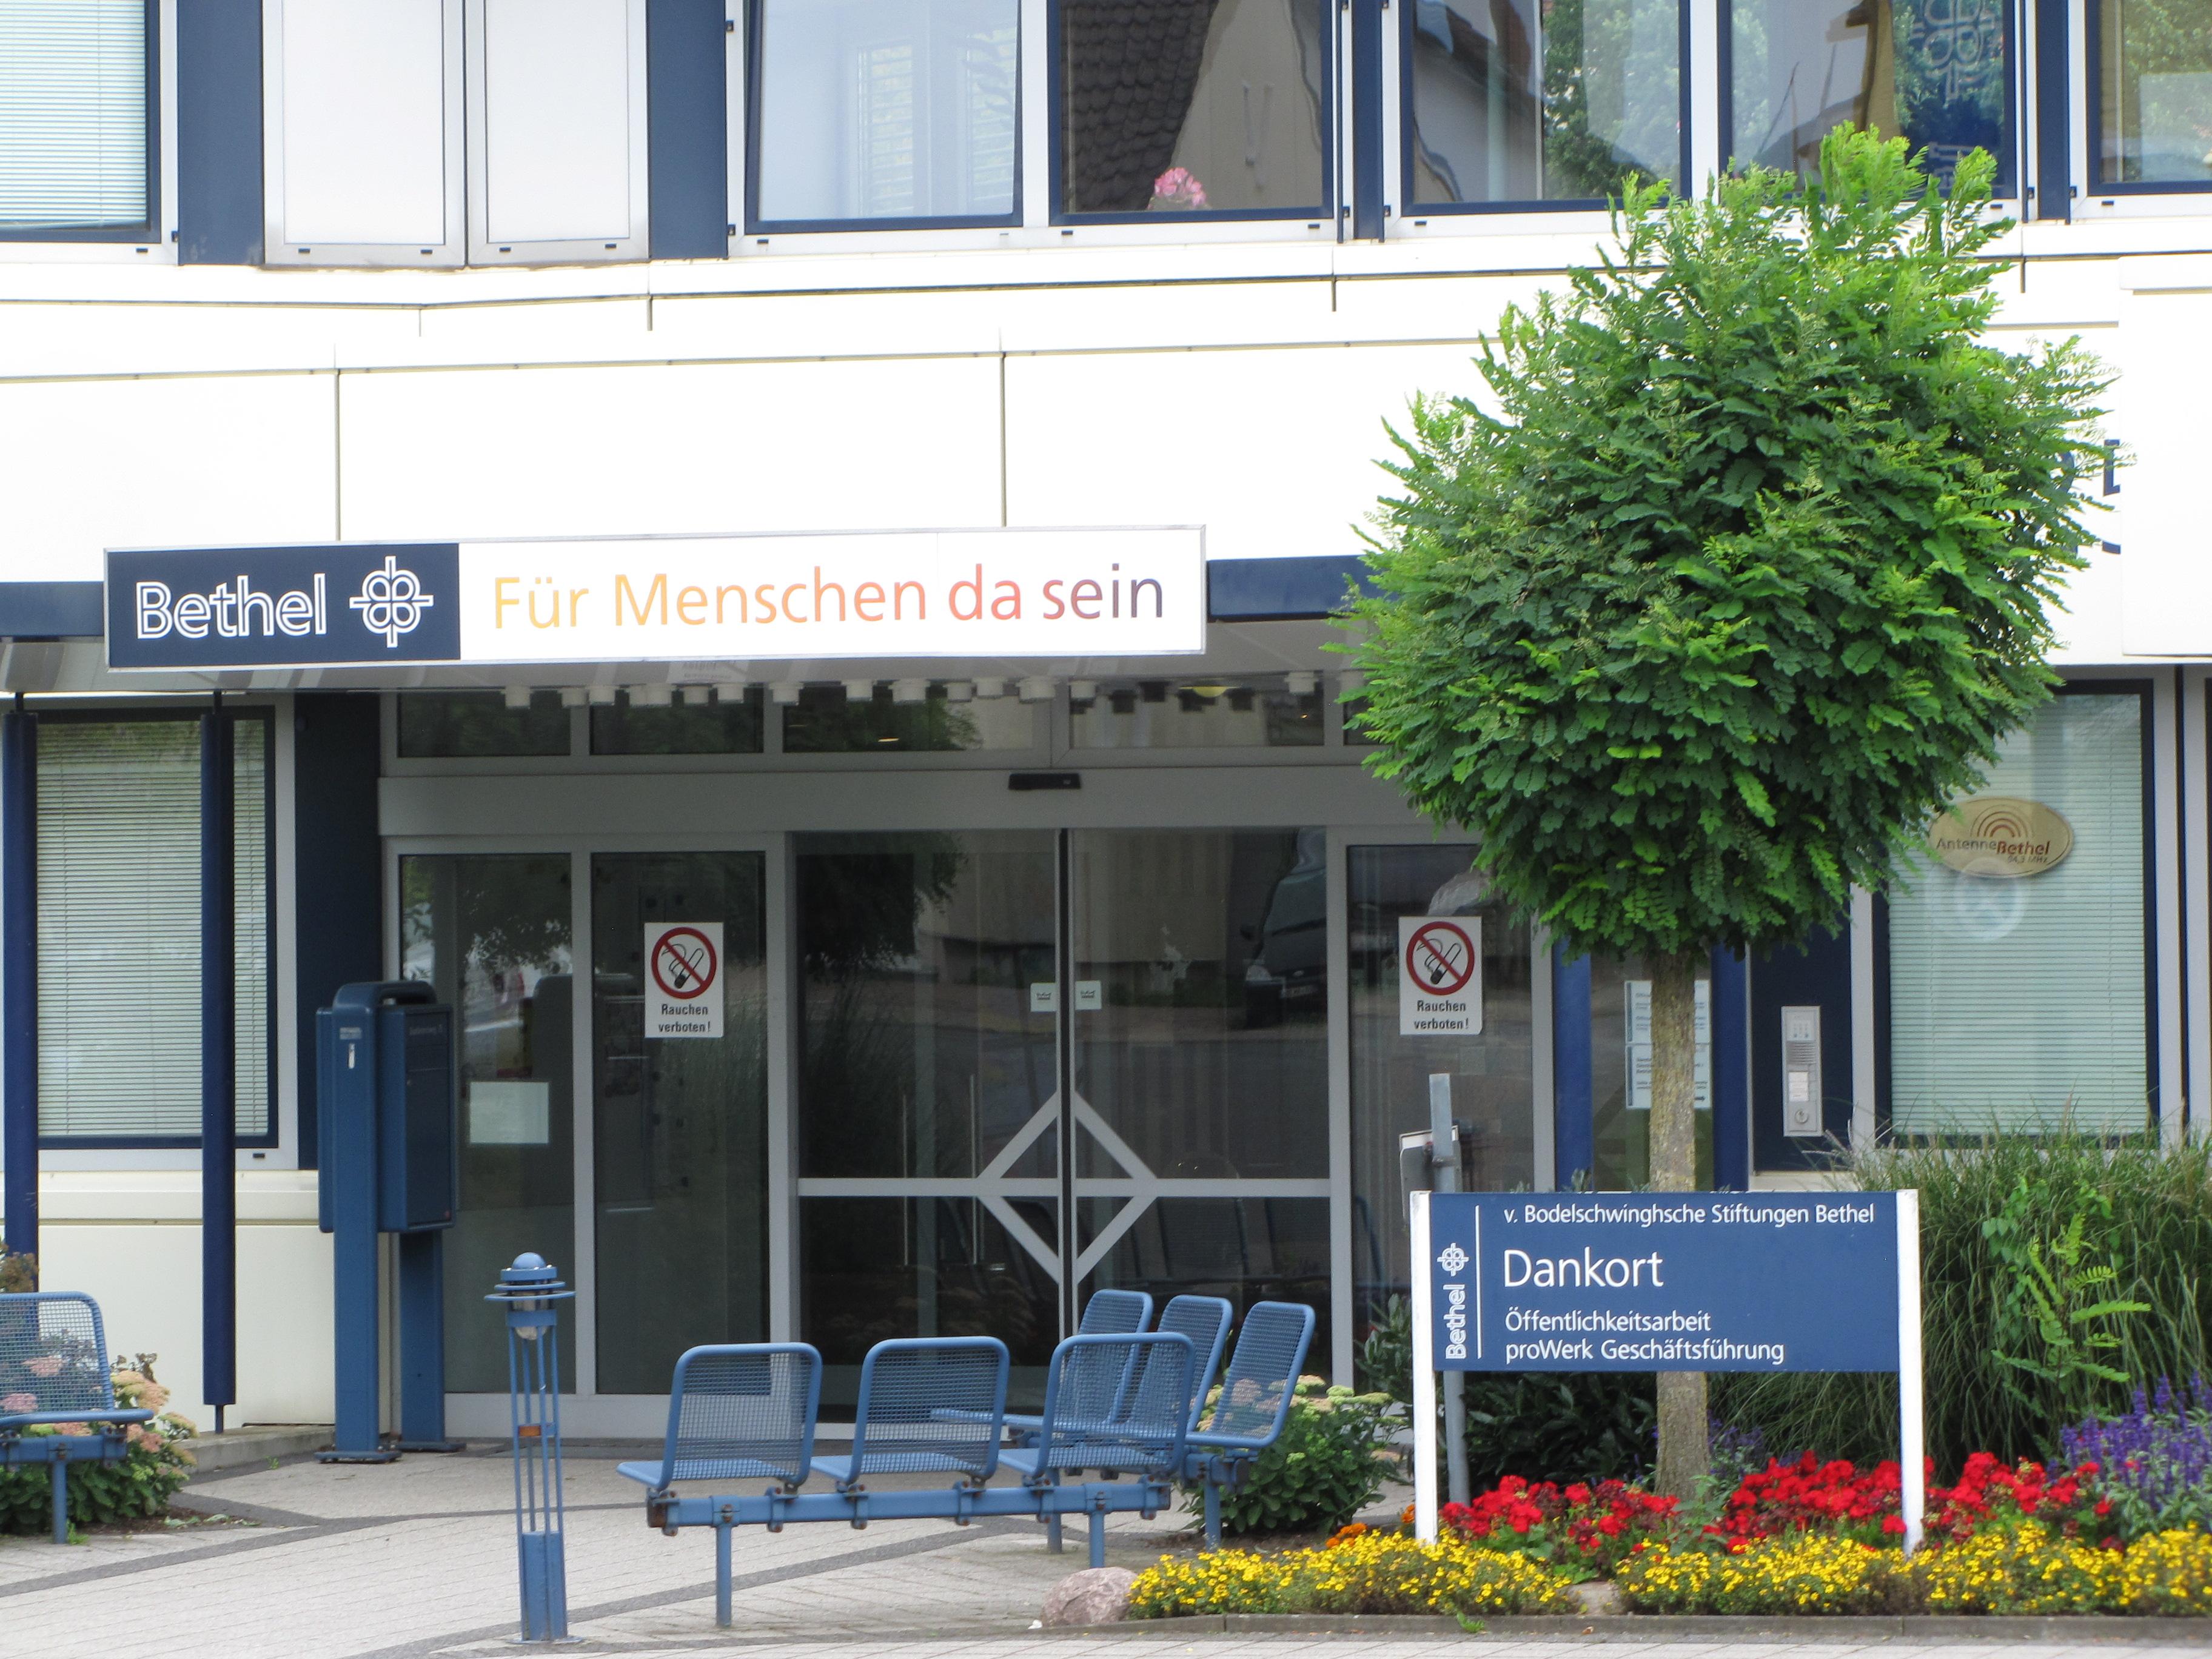 Bethel Bielefeld Bodelschwingsche Anstalten Bielefeld NRW (14)